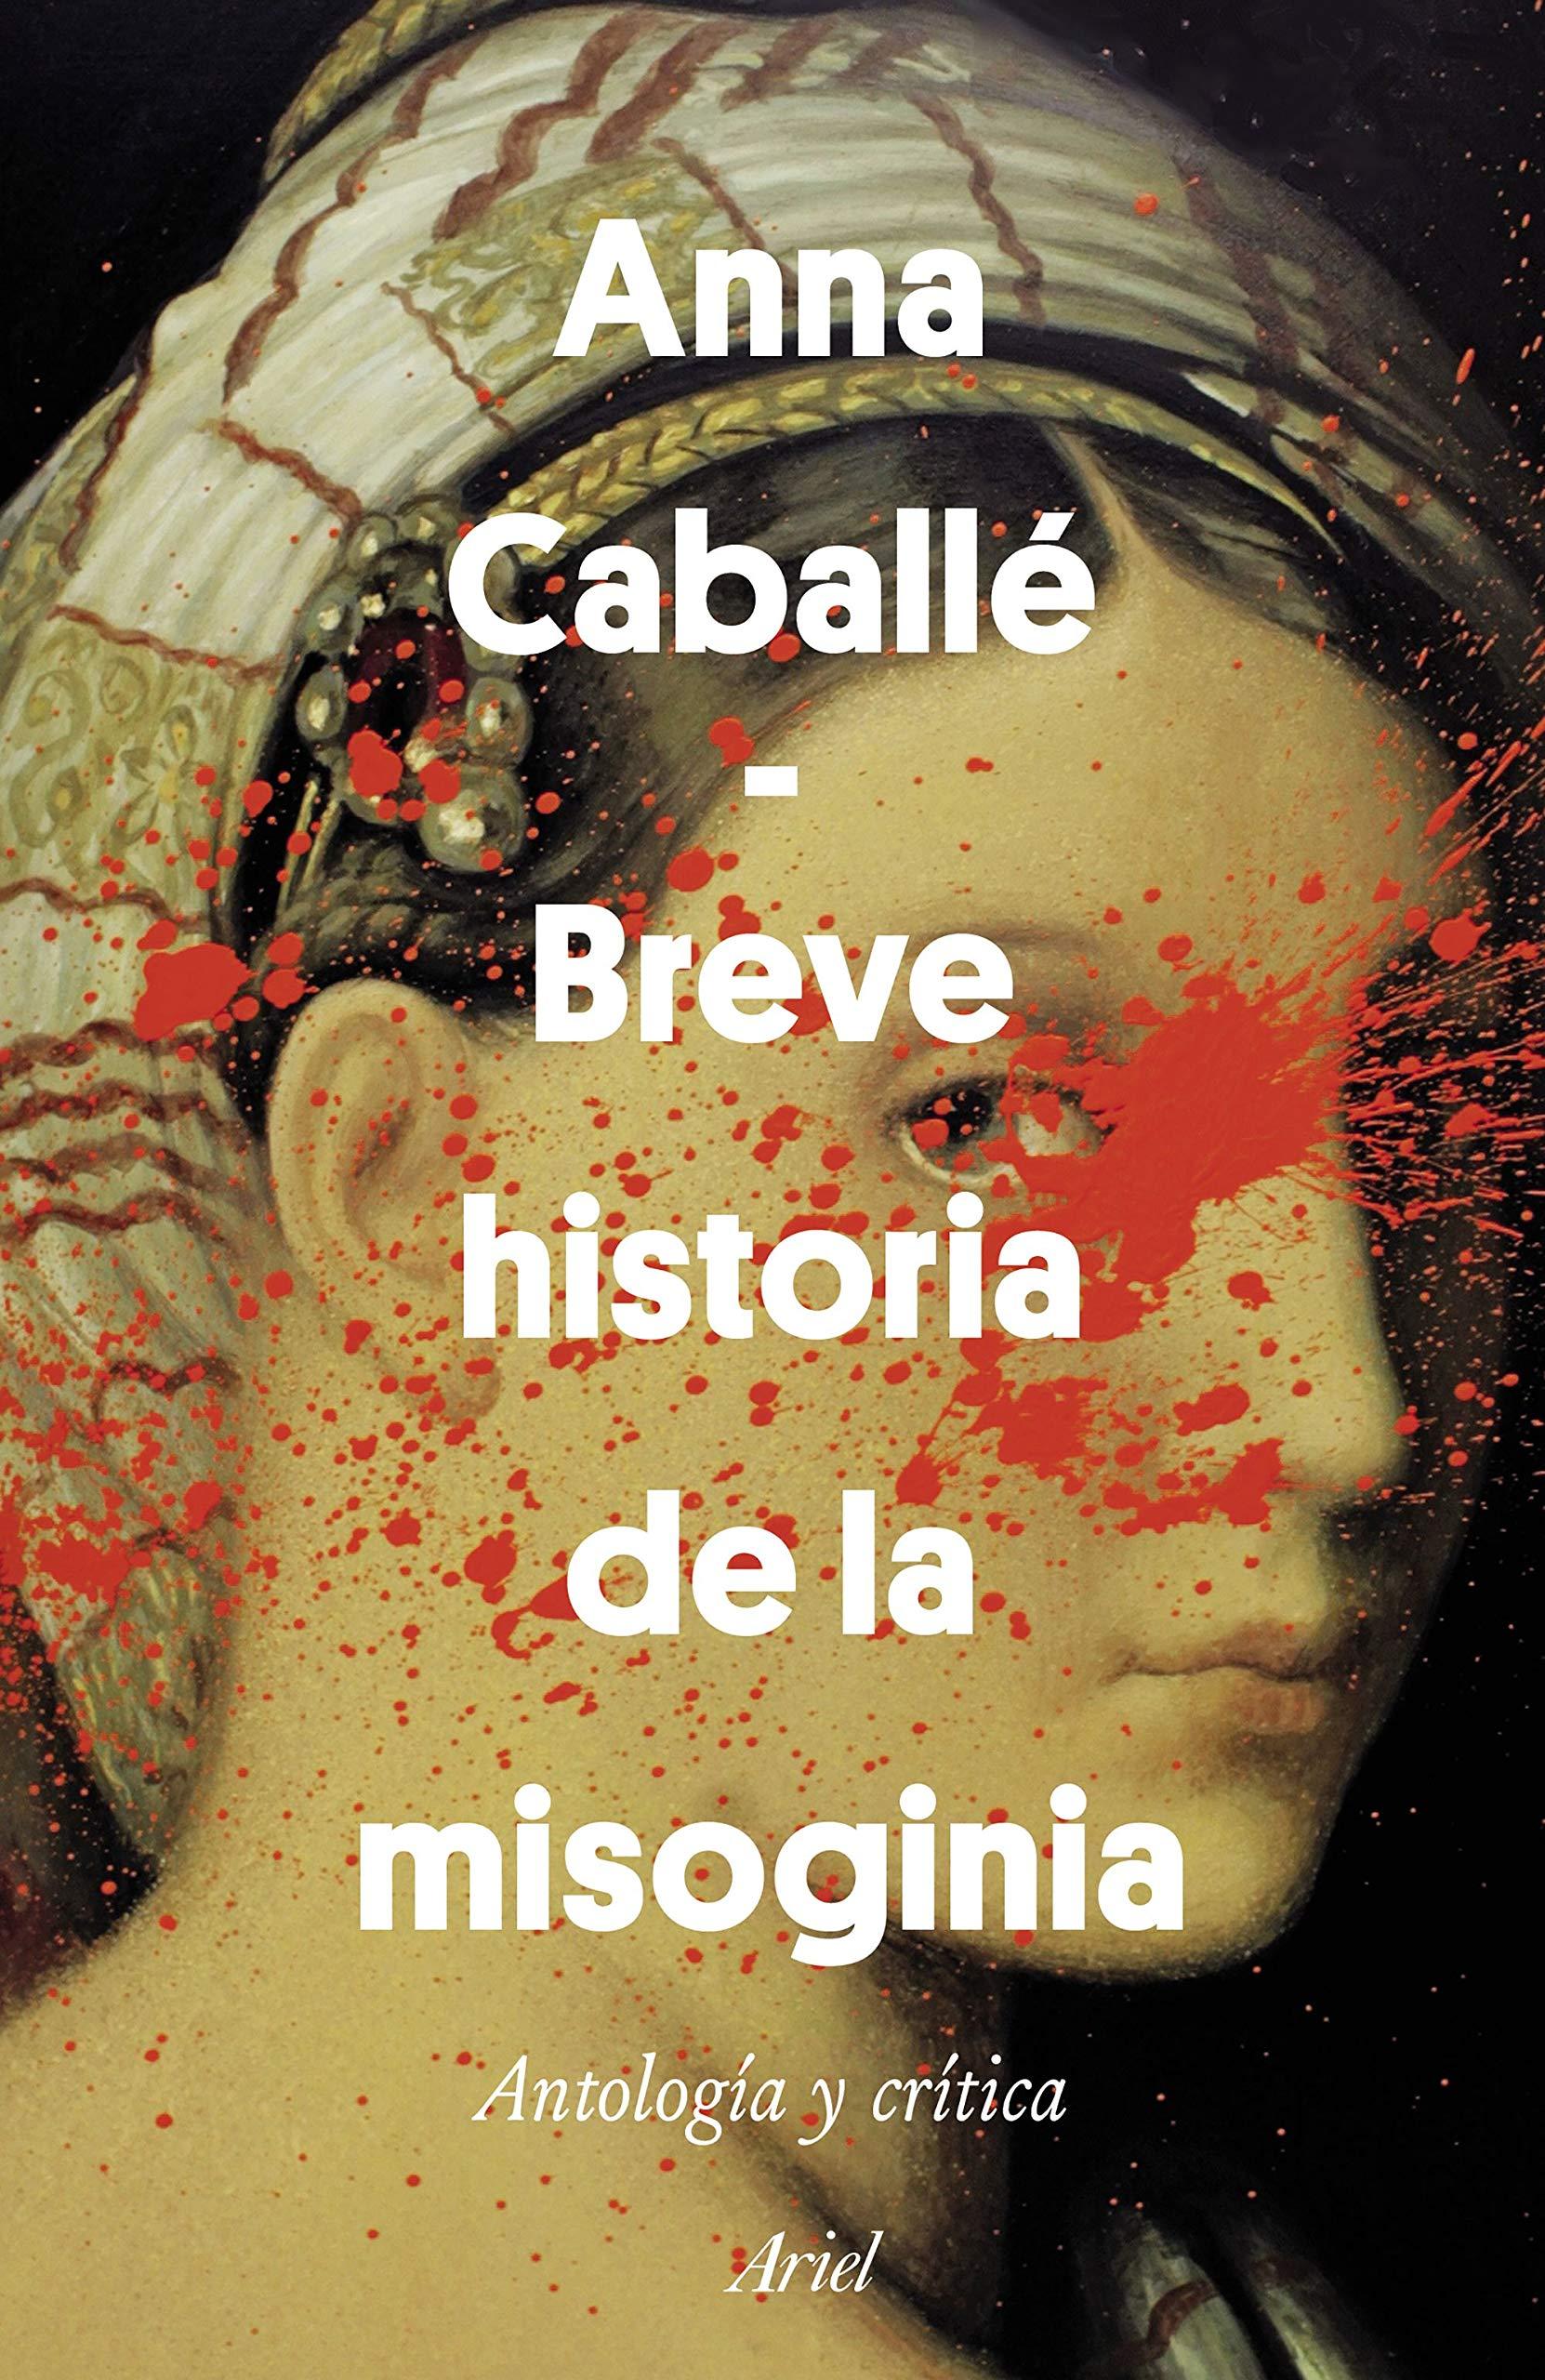 Breve historia de la misoginia: Antología y crítica Ariel: Amazon.es: Caballé Masforroll, Anna: Libros